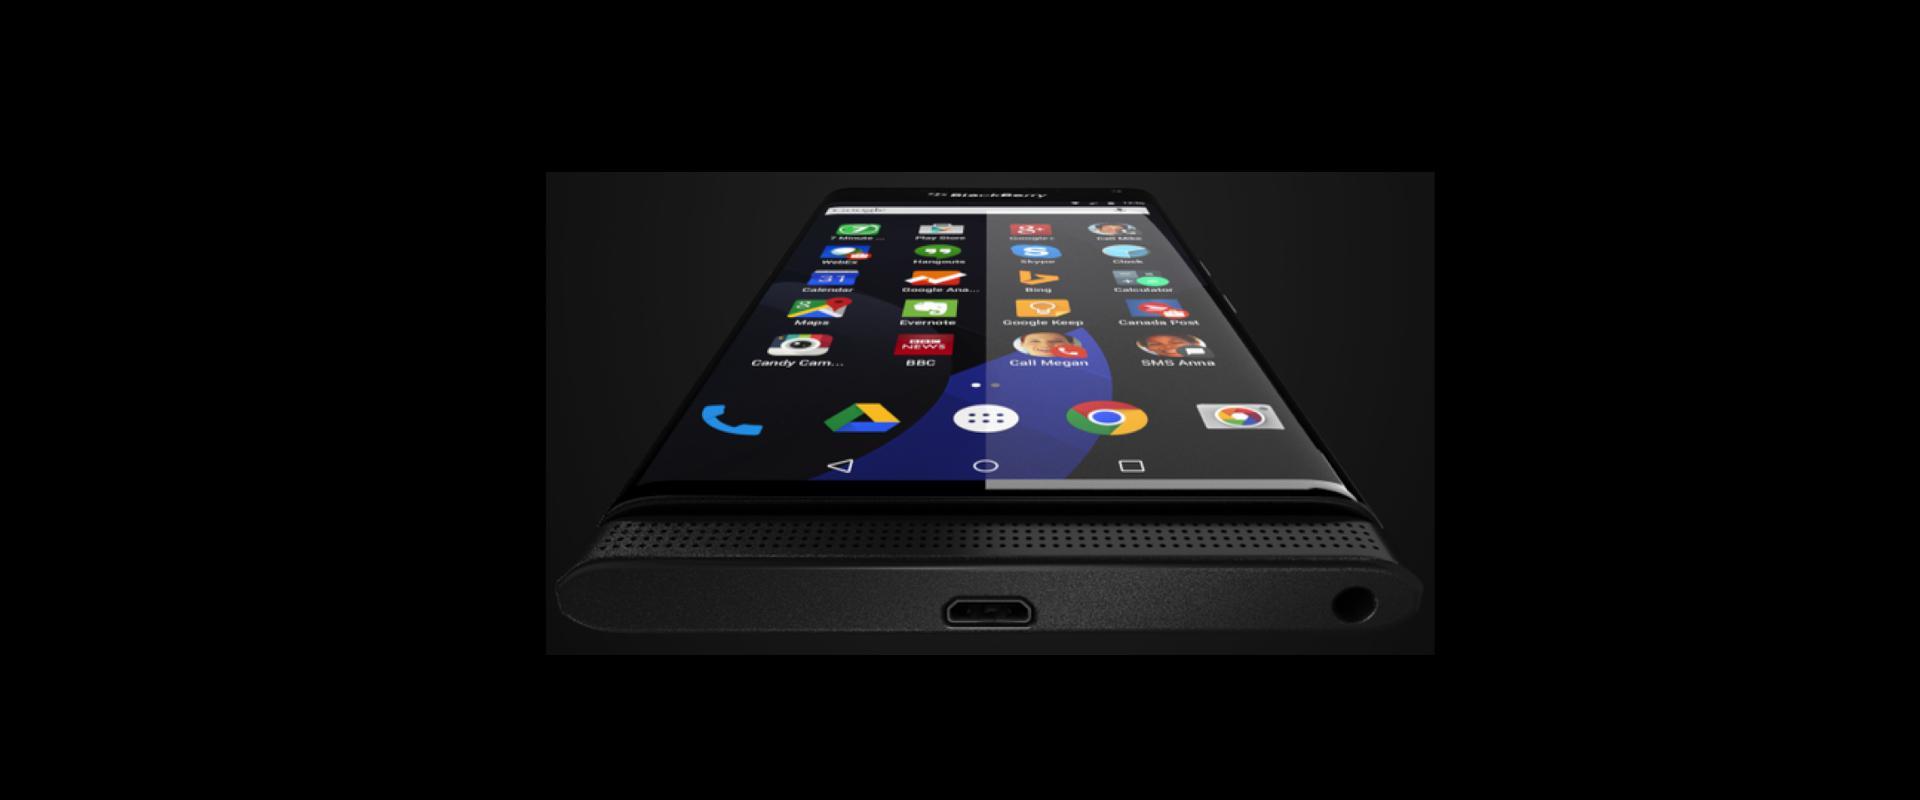 BlackBerry Android smartphone uređaji će i dalje koristiti BB software